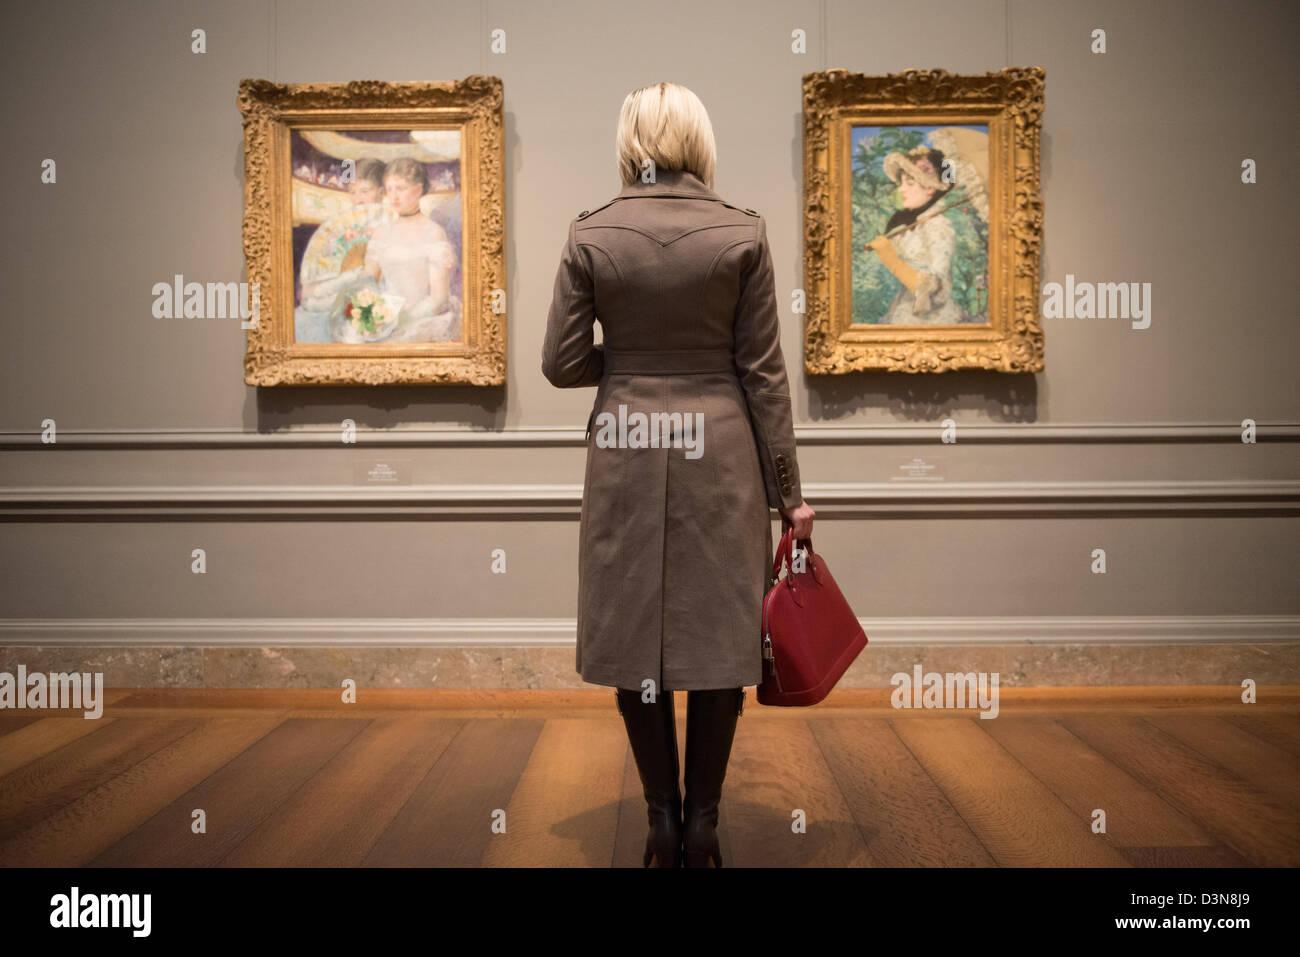 Blonde Frau Gemälde im Museum für Kunst betrachten.  National Gallery of Art, Washington DC Stockbild